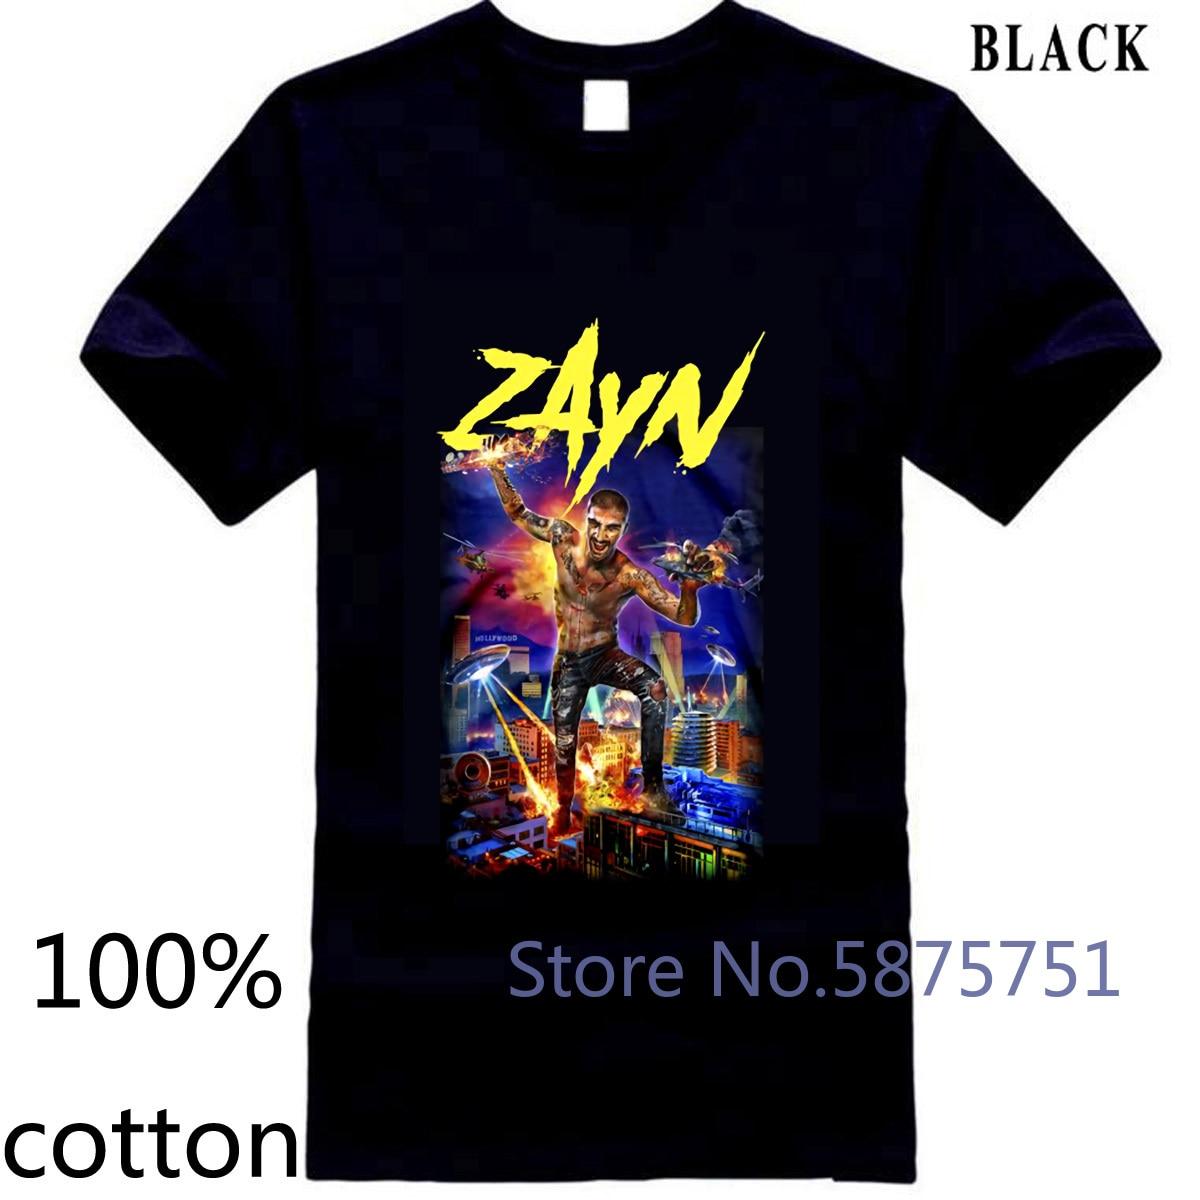 Auténtico ZAYN Z-Day Slim-Fit M L nueva marca Fitness Body Building Design camiseta para Hombre Camisetas tops 100% algodón